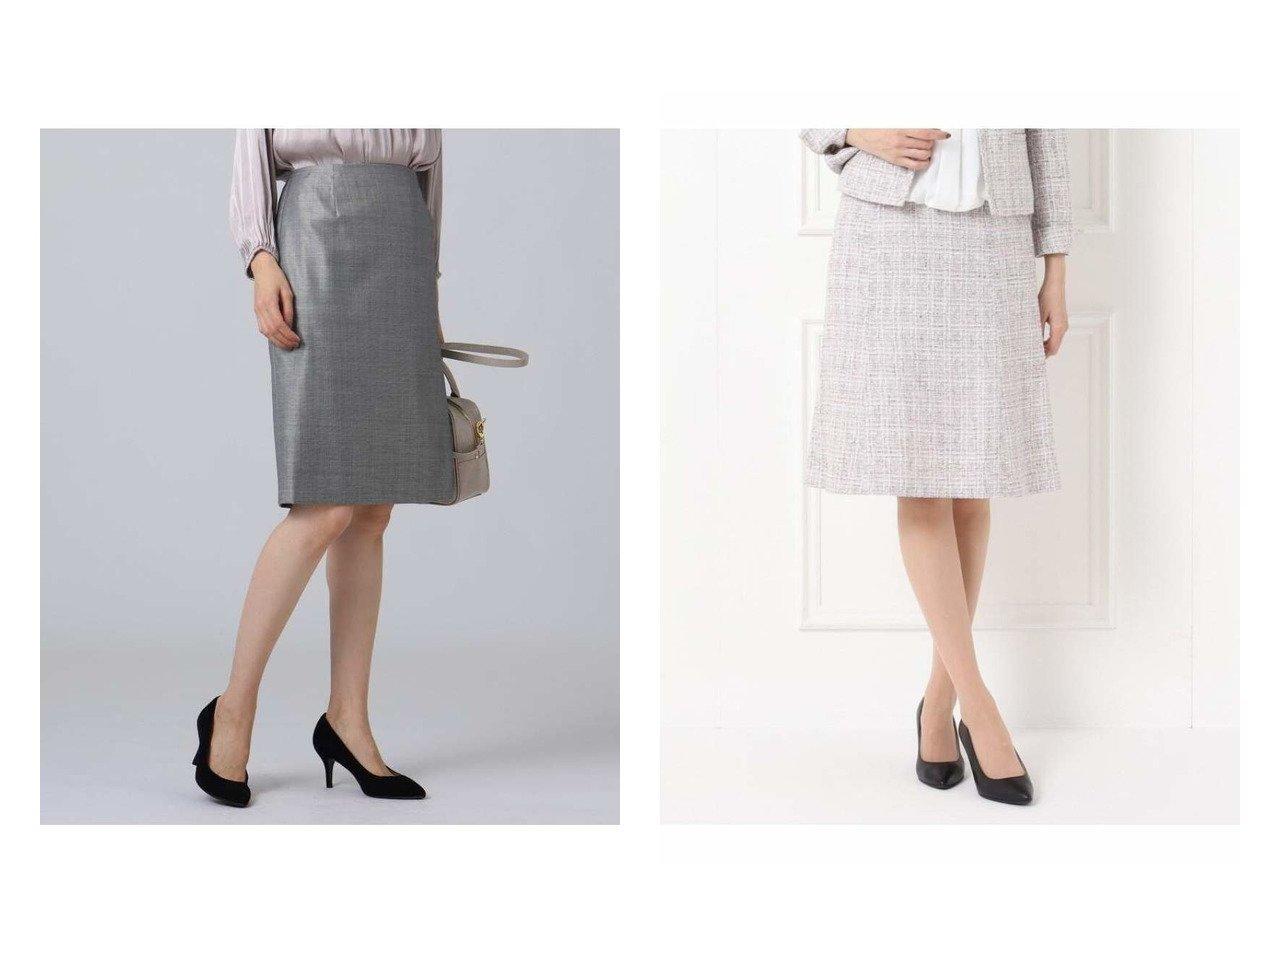 【UNTITLED/アンタイトル】のソフィアツィードスカート&【抗菌防臭】モンテシャークスキンタイトスカート スカートのおすすめ!人気、トレンド・レディースファッションの通販 おすすめで人気の流行・トレンド、ファッションの通販商品 メンズファッション・キッズファッション・インテリア・家具・レディースファッション・服の通販 founy(ファニー) https://founy.com/ ファッション Fashion レディースファッション WOMEN スカート Skirt エレガント オケージョン ジャケット ツイード フェミニン マーメイド ヨーク タイトスカート 抗菌 |ID:crp329100000014441